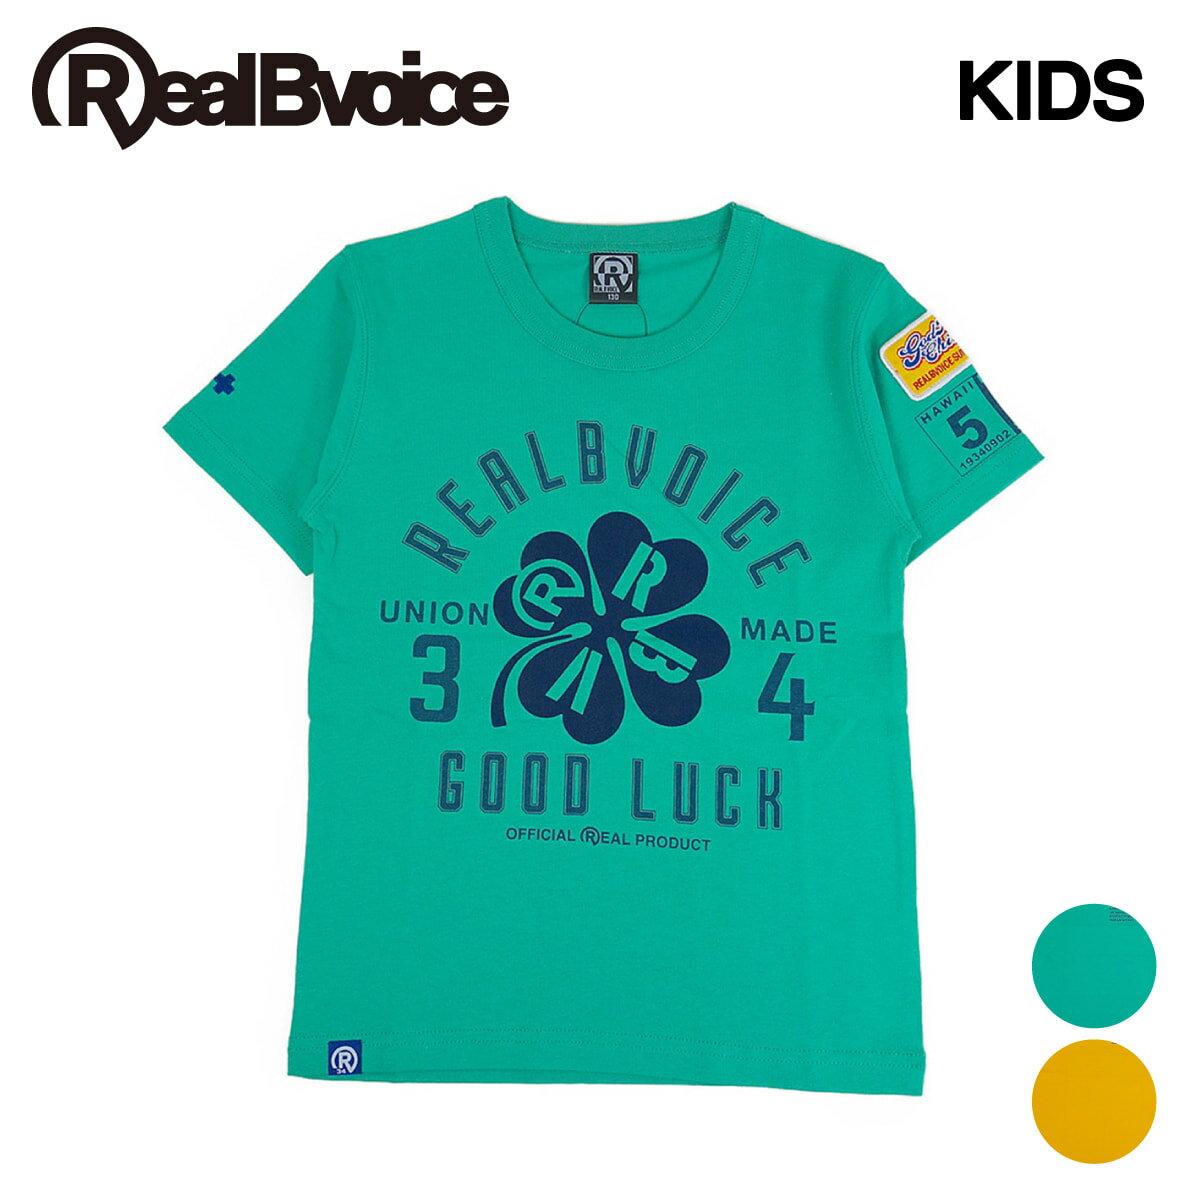 リアルビーボイス RealBvoice キッズ ジュニアサイズ 半袖 Tシャツ クローバー KIDS CLOVER T-SHIRT